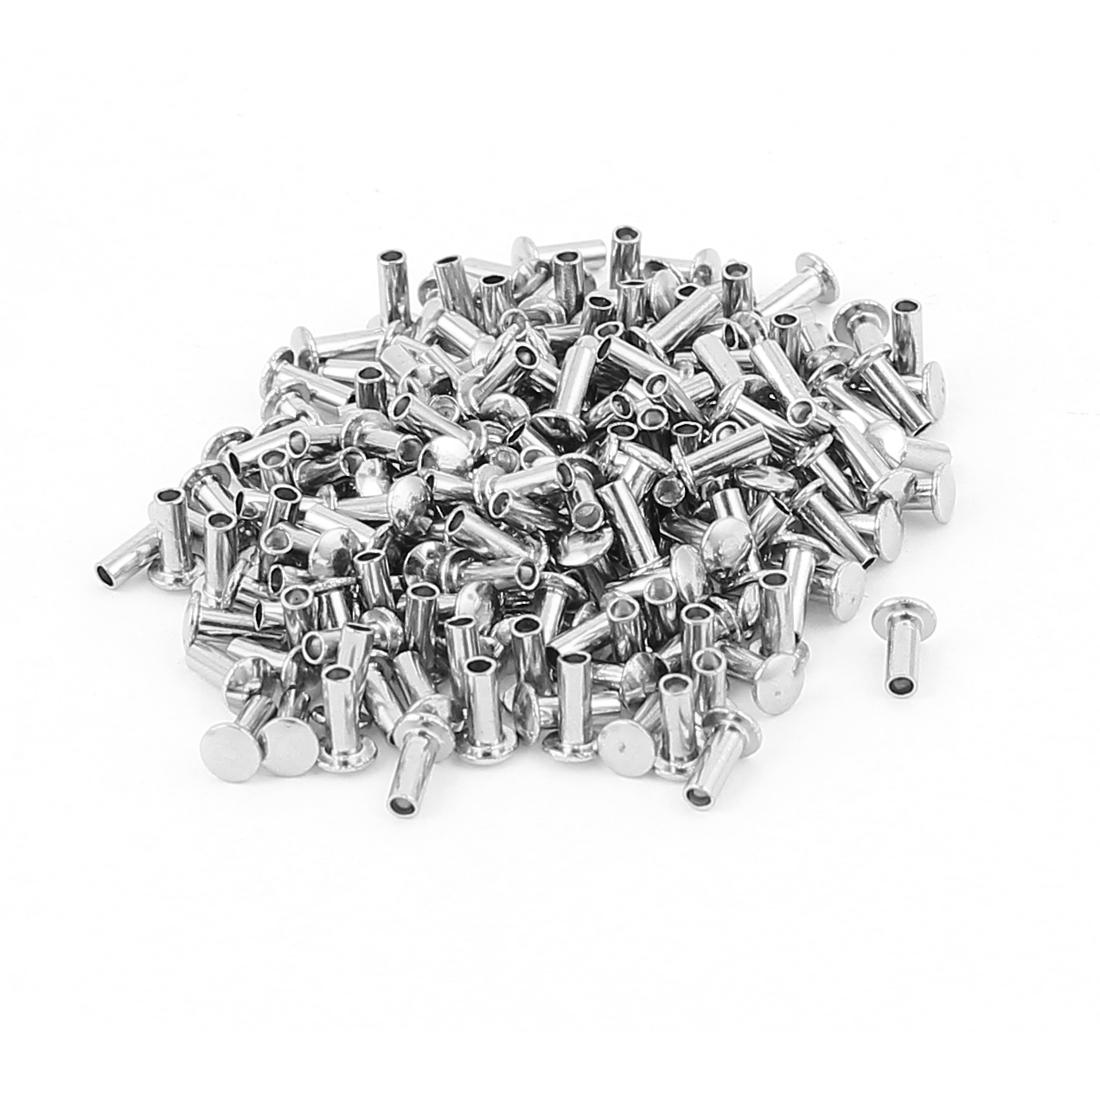 """200 Pcs 5/64"""" x 13/64"""" Nickel Plated Fasteners Oval Head Semi Tubular Rivets Silver Tone"""